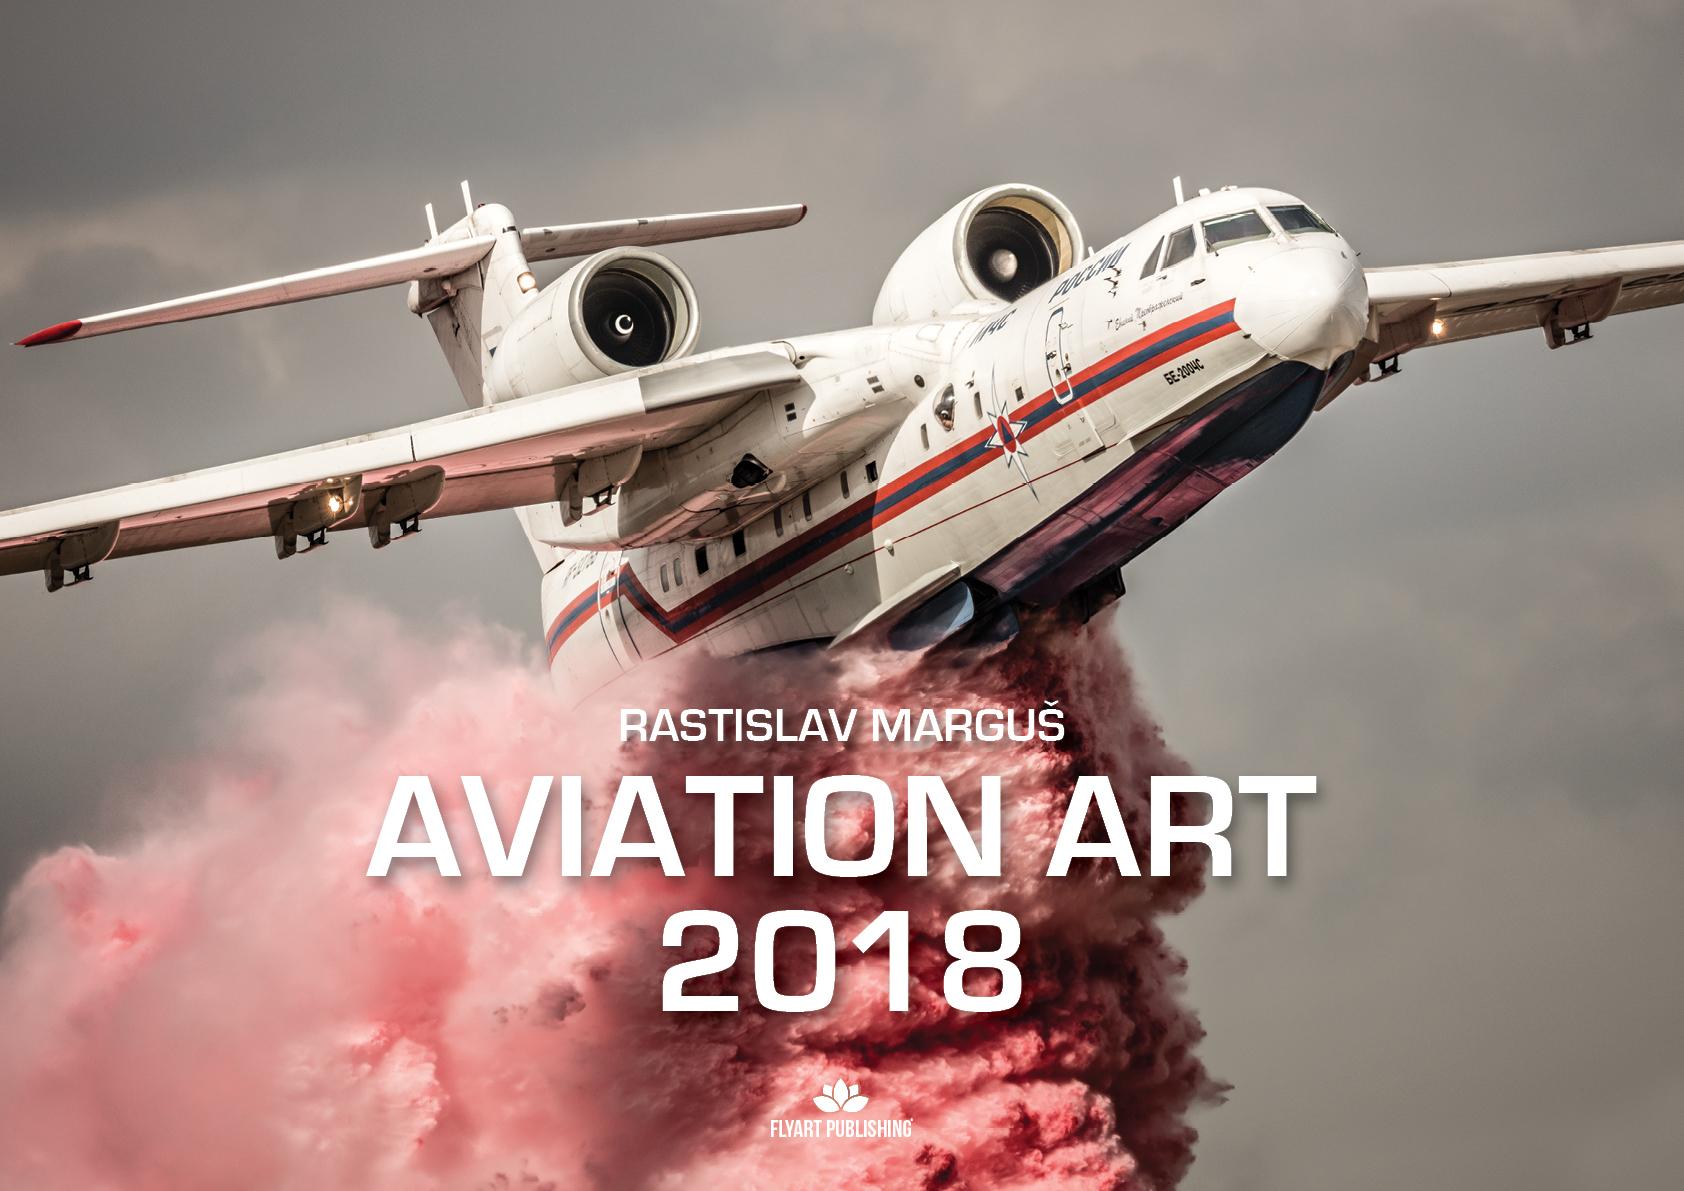 Aviation Art Calendar 2018